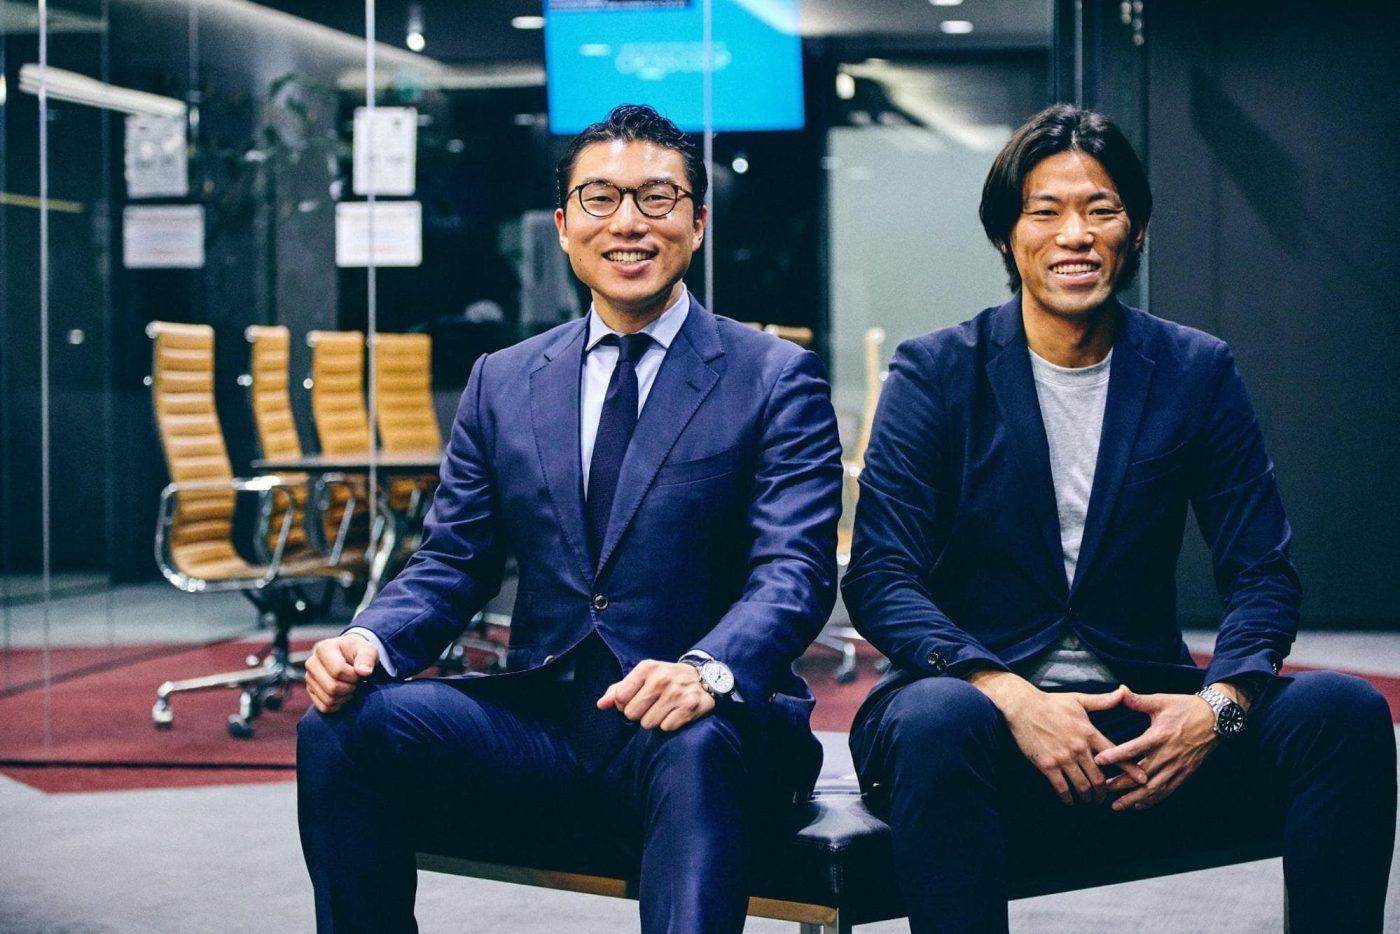 「リモートワーク」の課題感を捉えるRevCommは日本の未来をどう見つめるか?